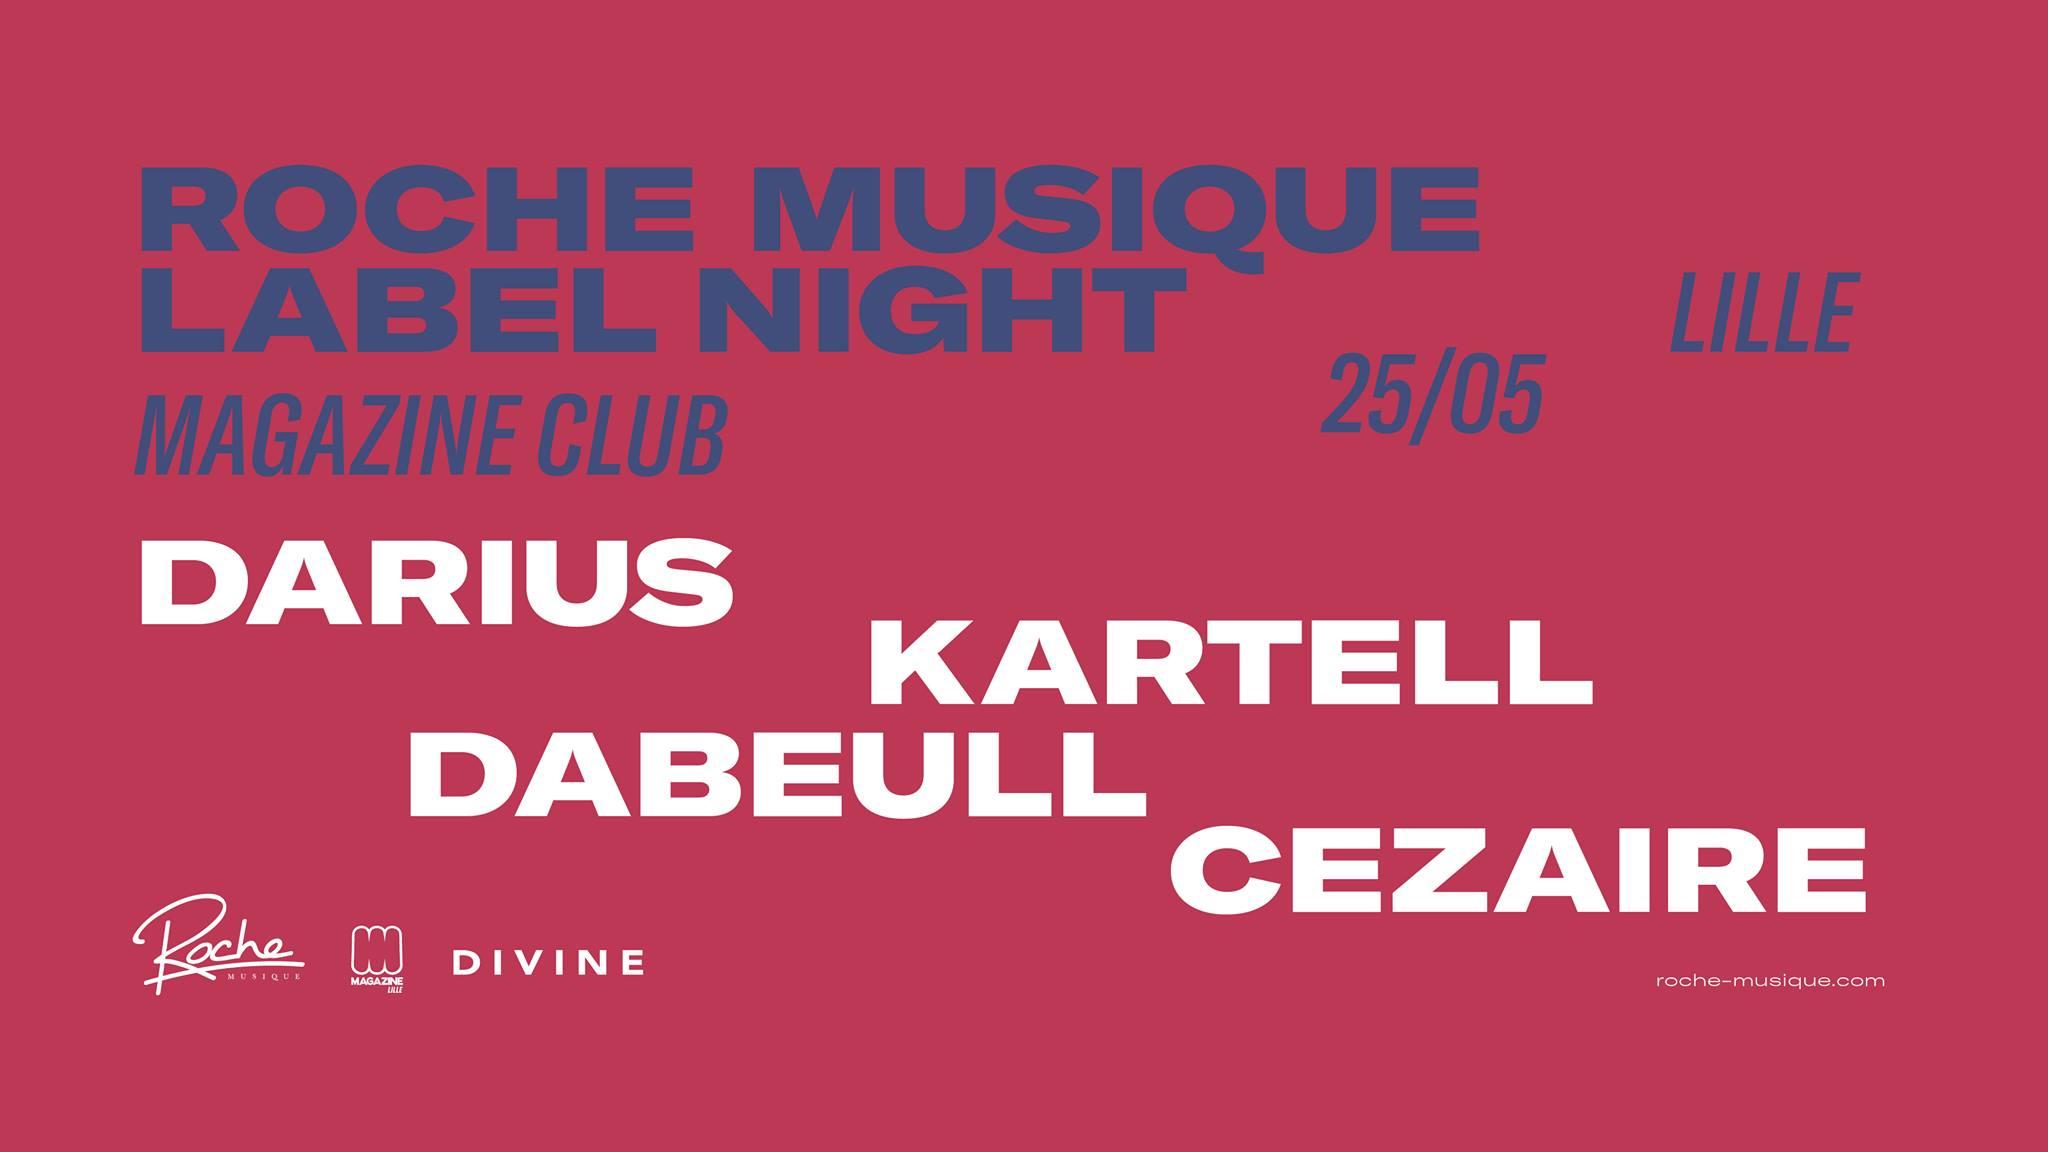 Roche Musique Label Night